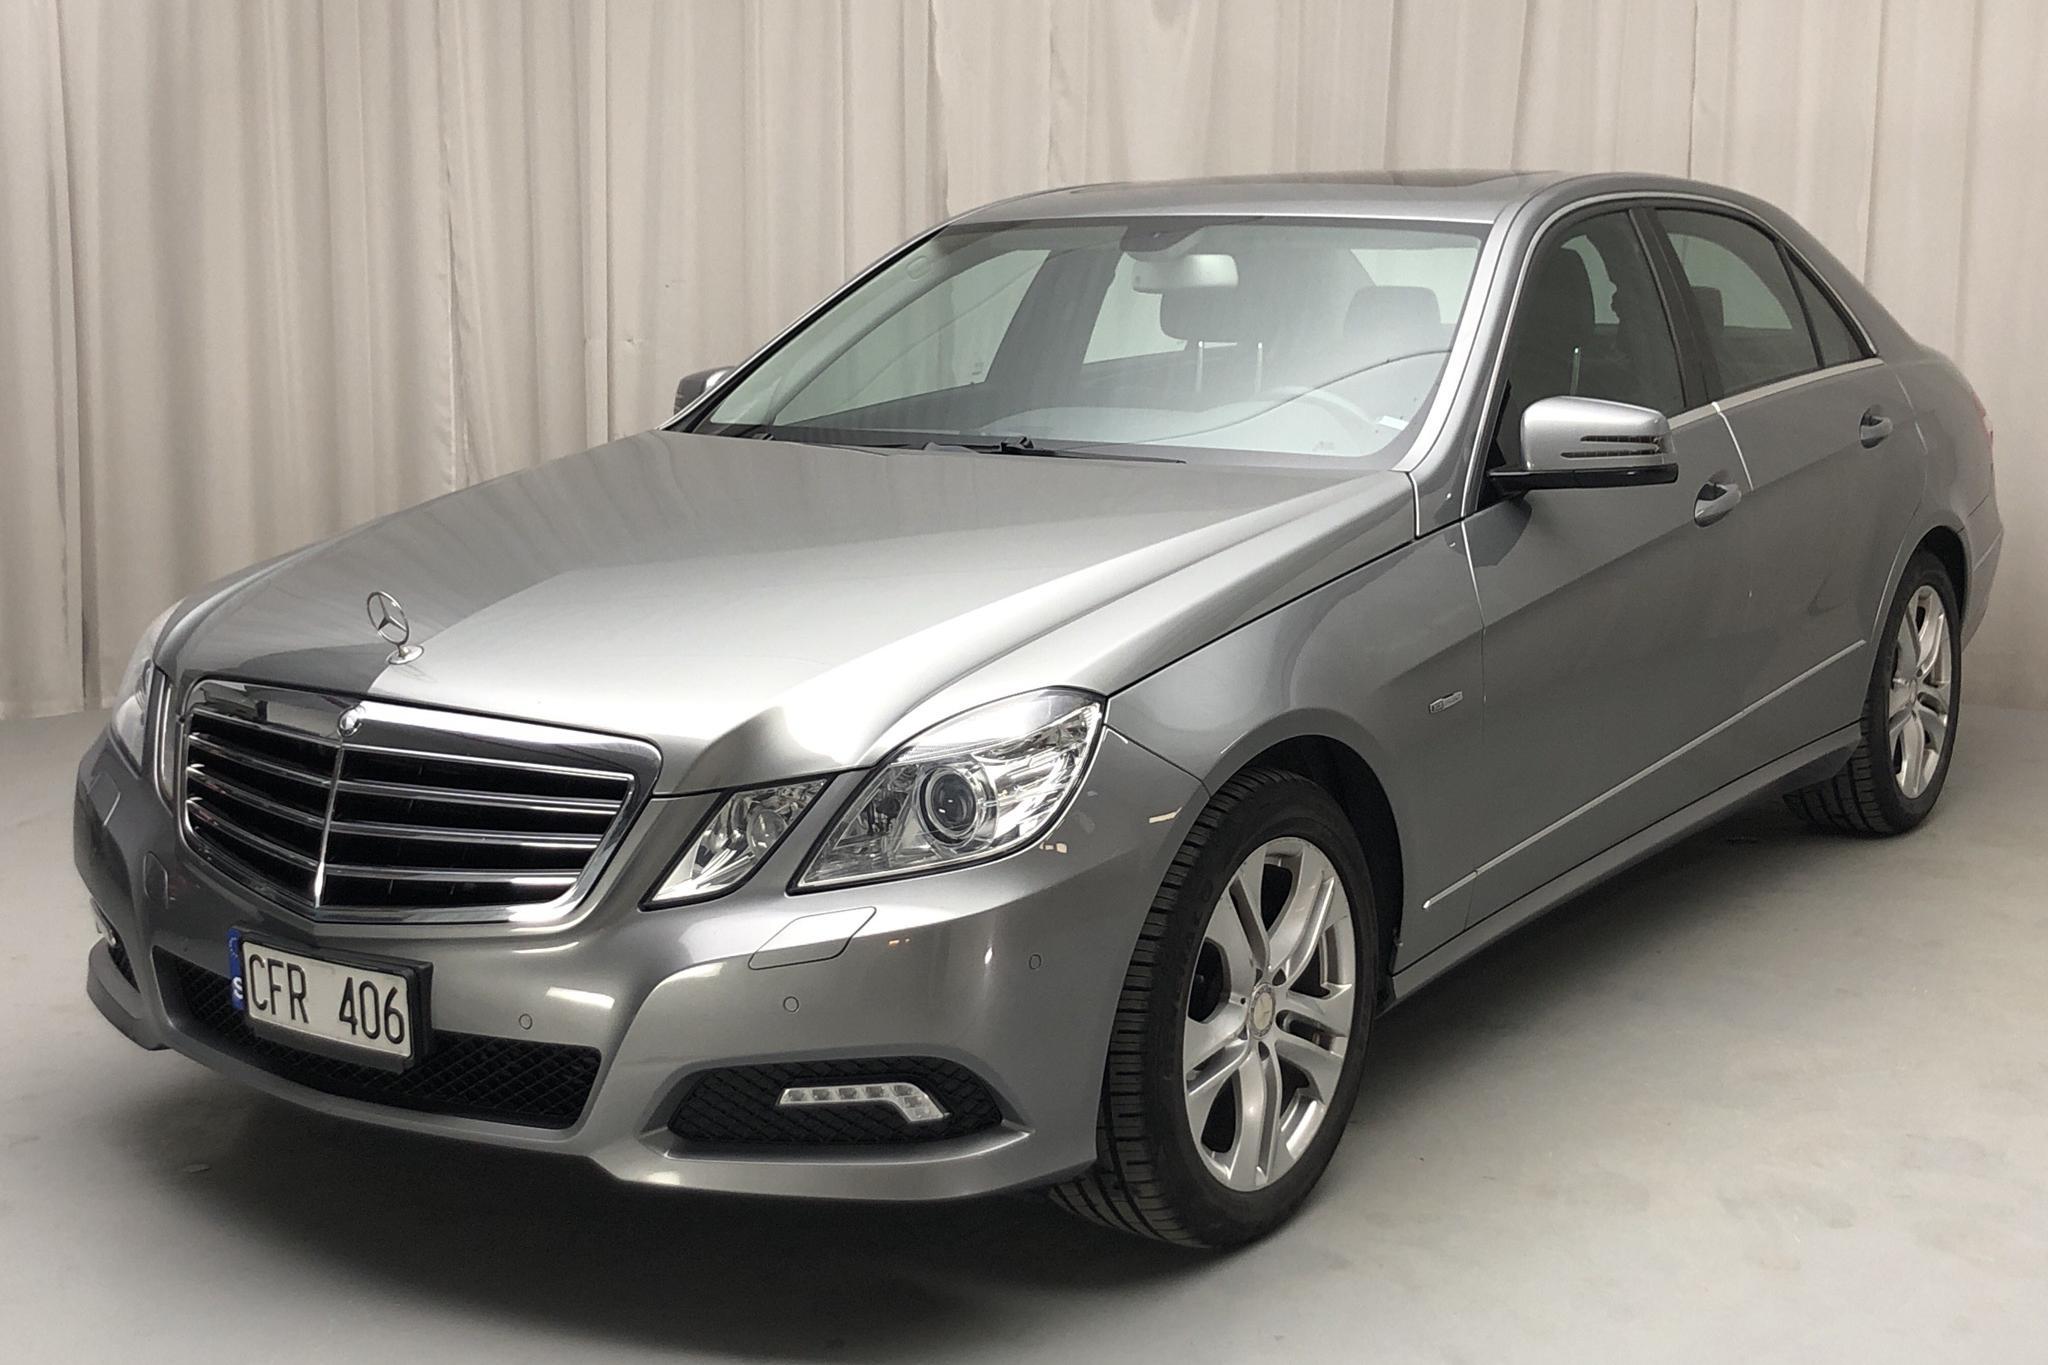 Mercedes E 220 CDI W212 (170hk) - 157 740 km - Automatic - gray - 2009